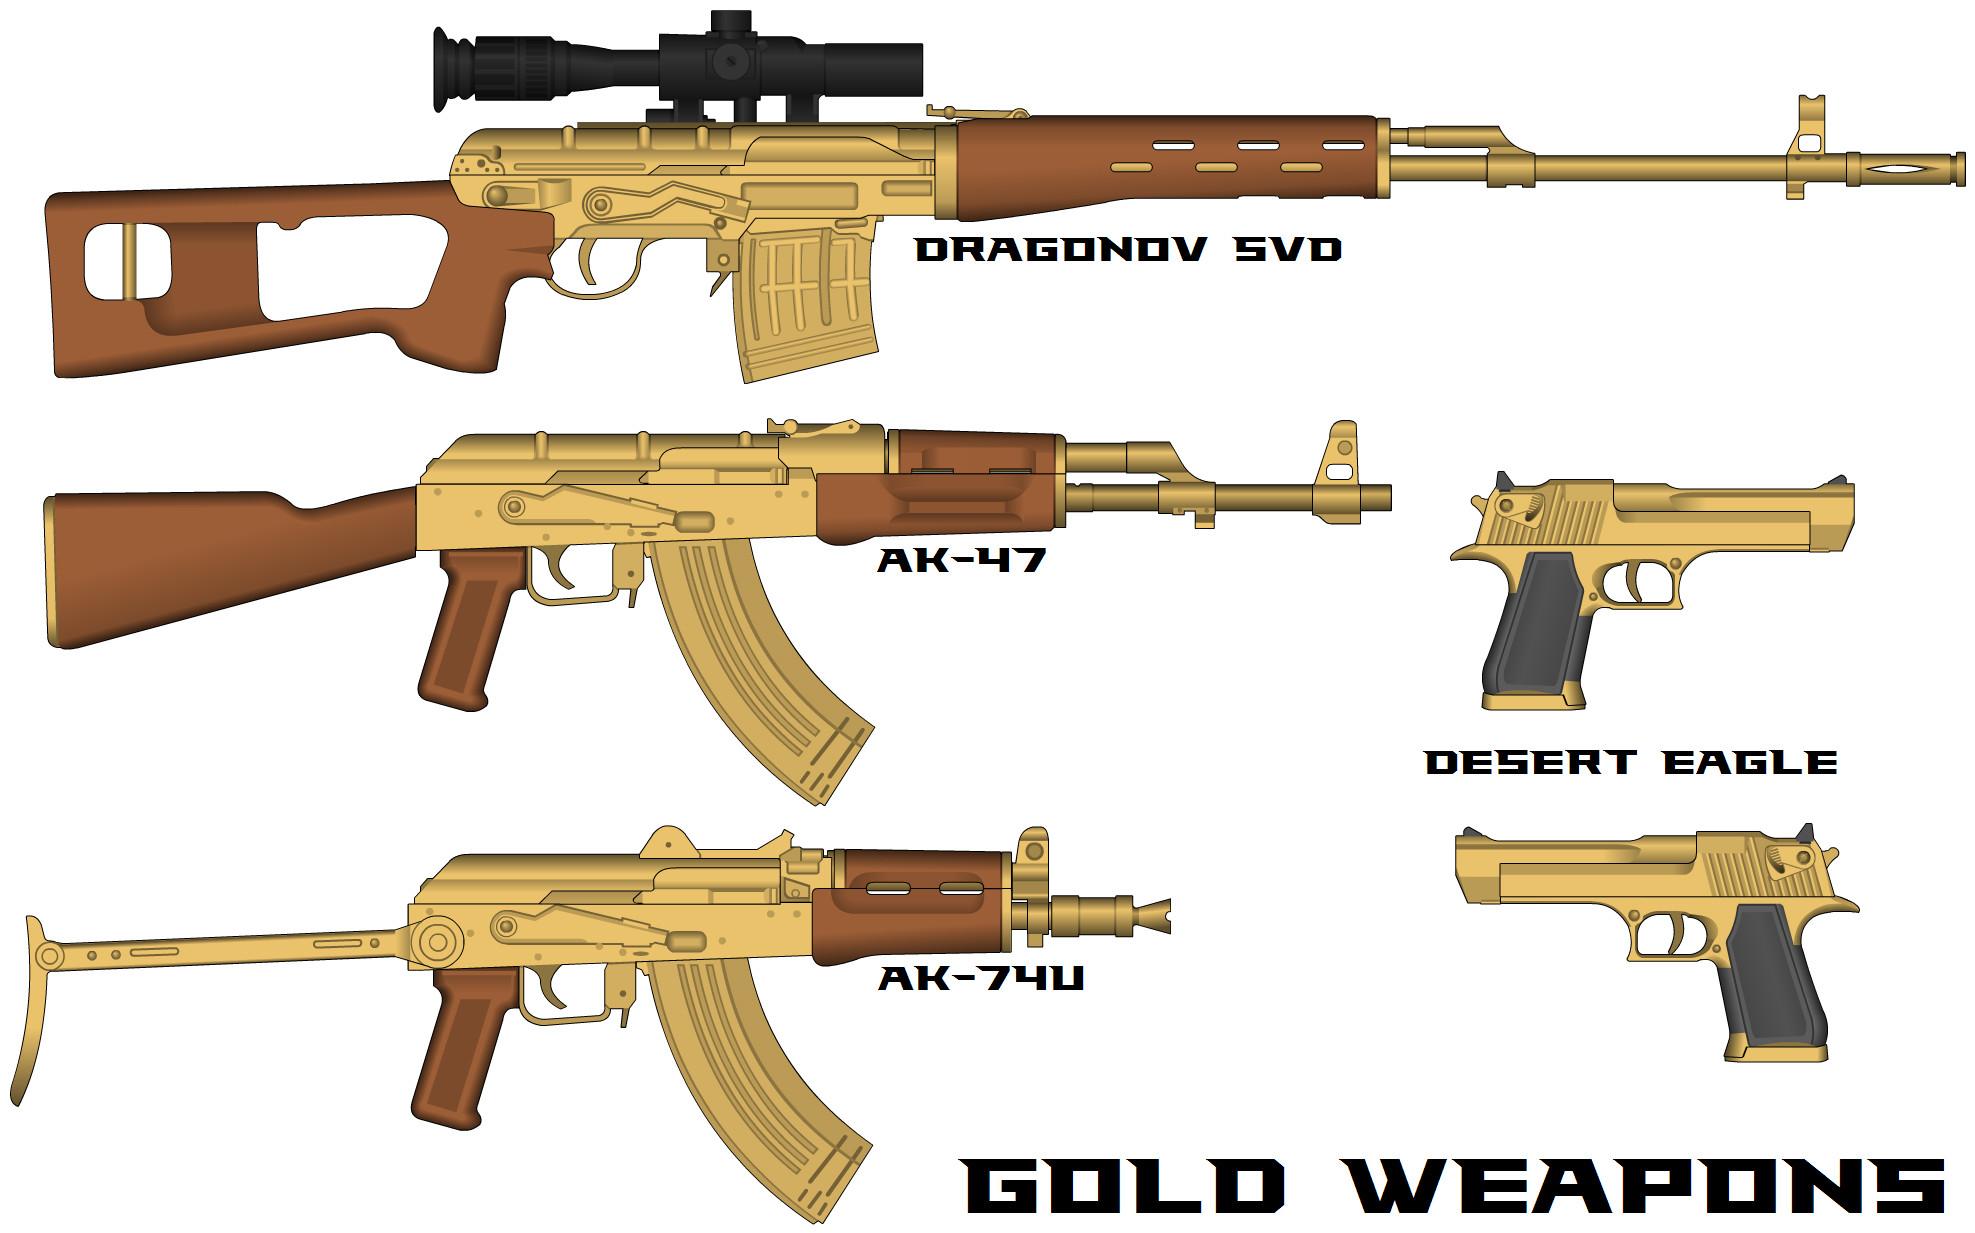 gold guns wallpaper ak 47 72 images. Black Bedroom Furniture Sets. Home Design Ideas